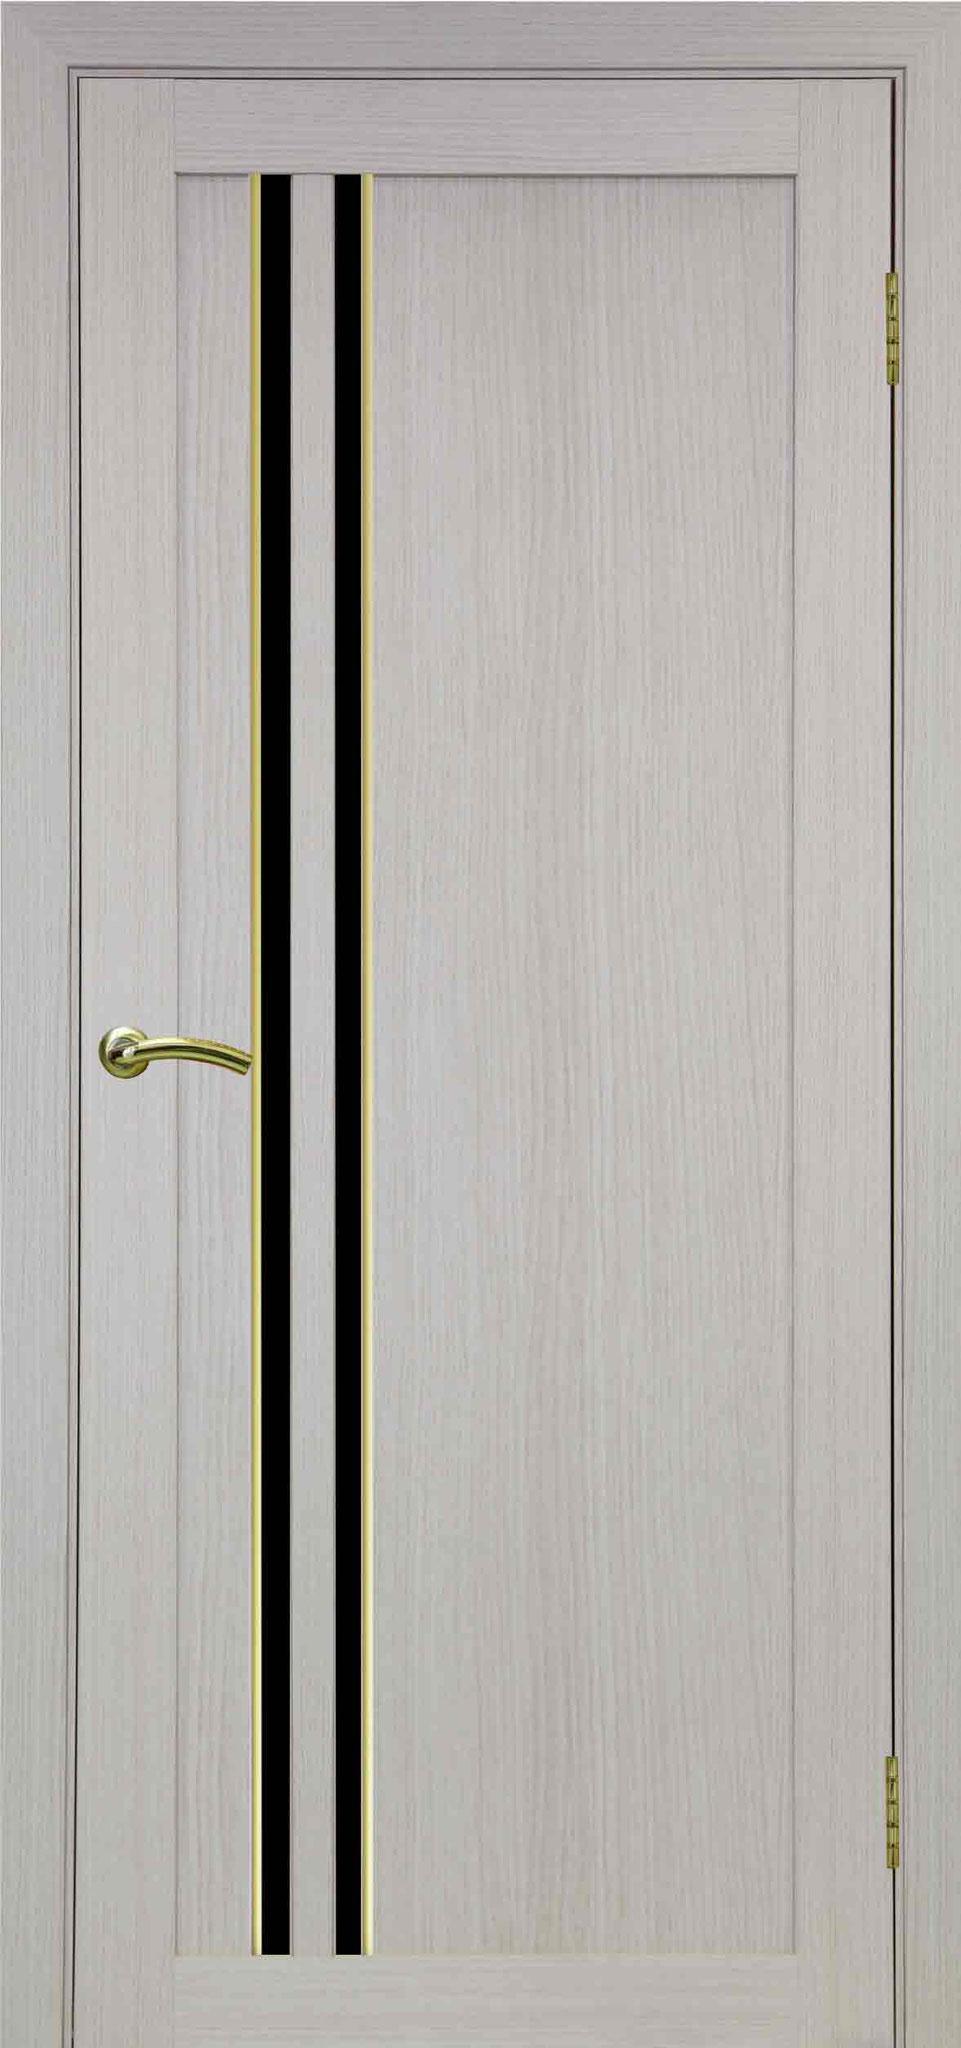 525 белёный дуб, АПС молдинг матовое золото, стекло LACOBEL чёрное